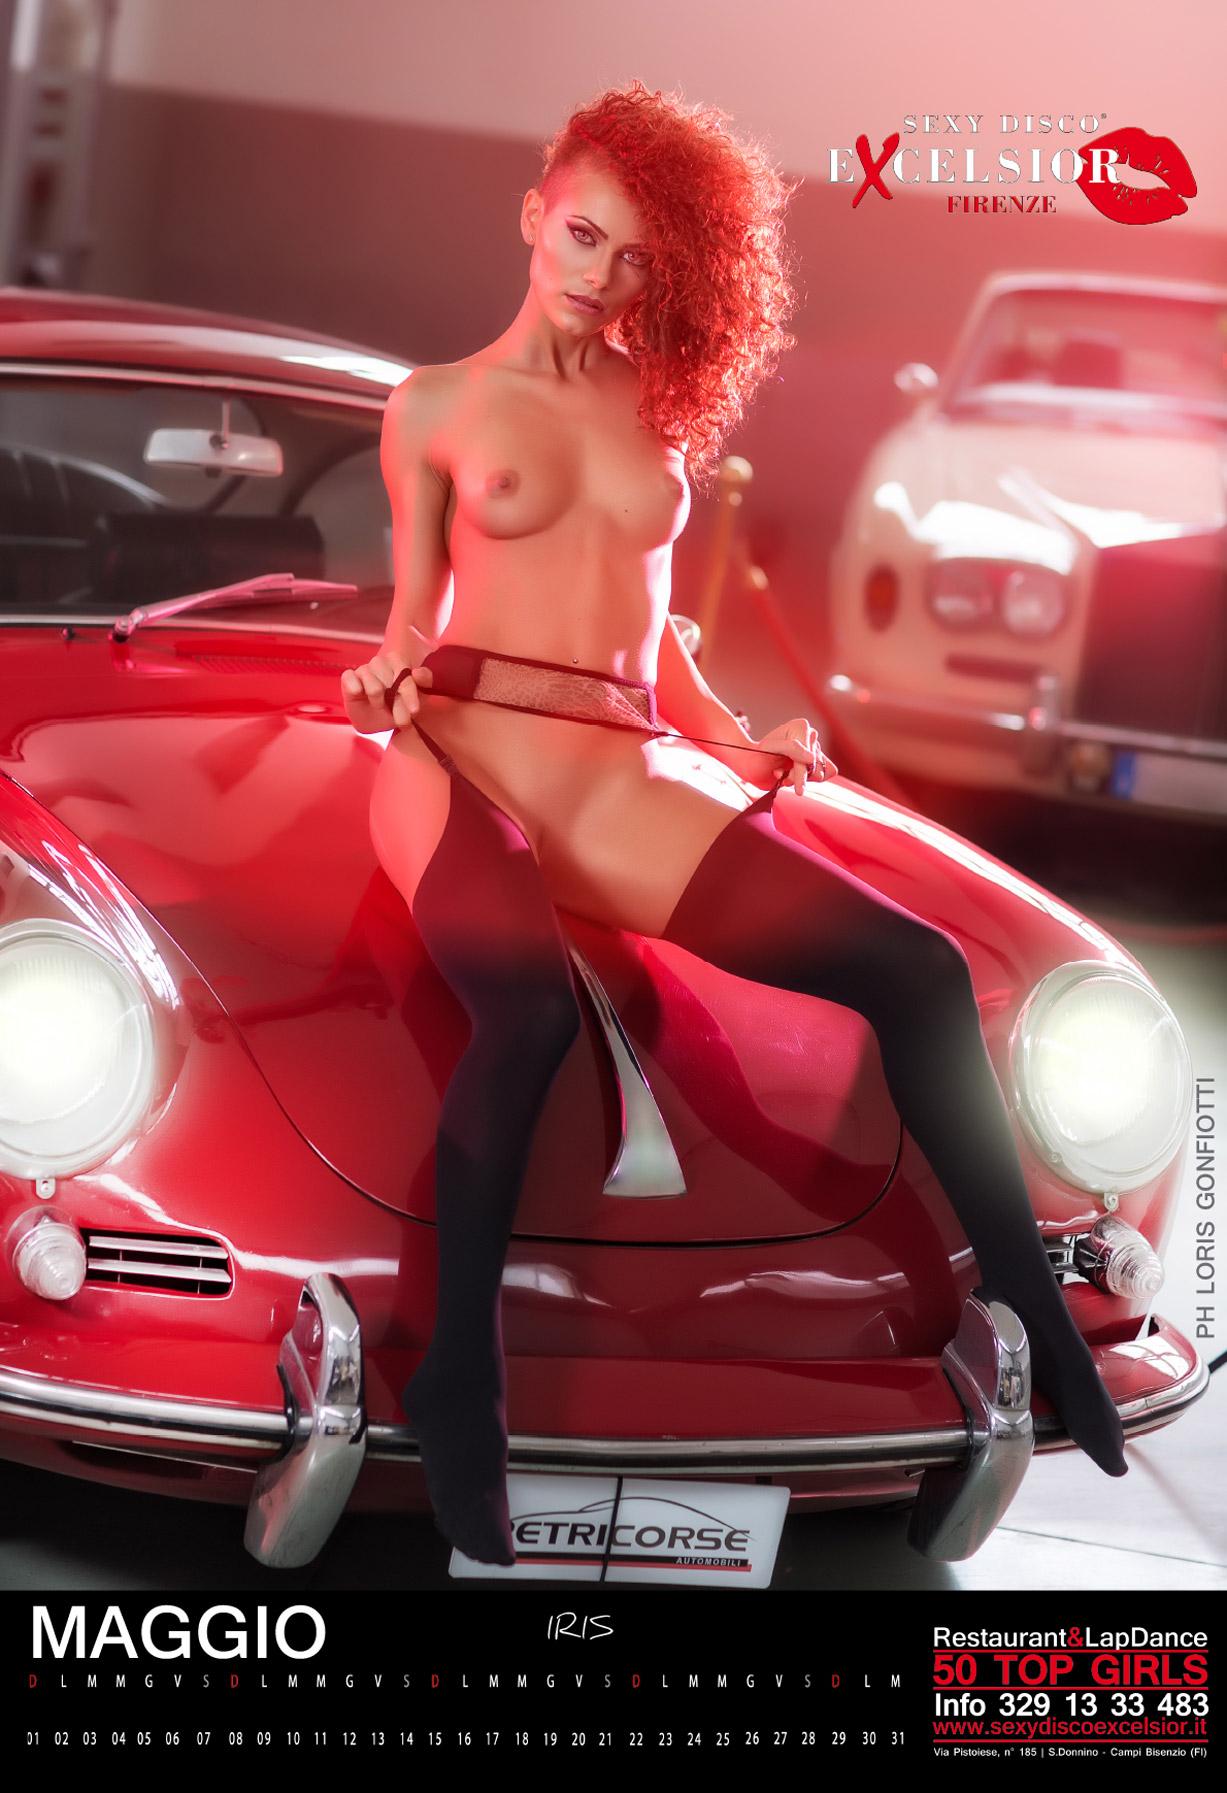 эротический календарь ночного клуба Sexy Disco Excelsior 2016 calendar - Iris